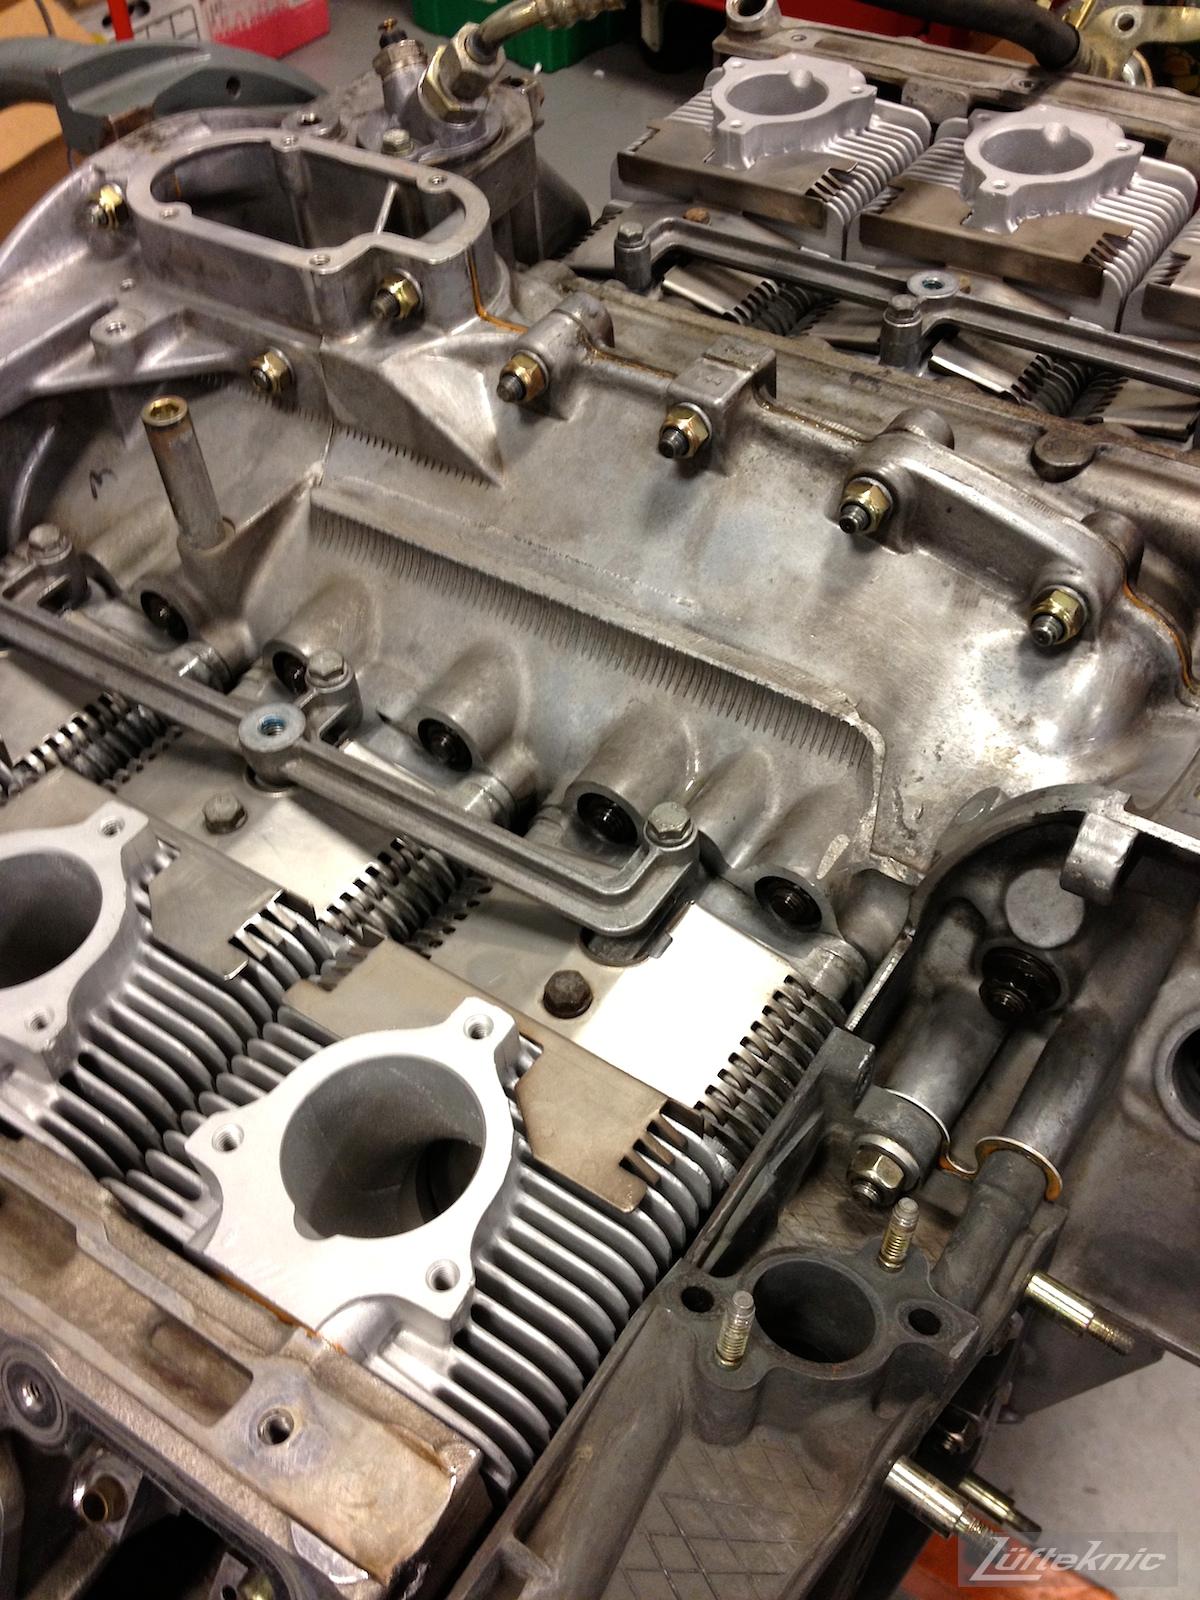 993 Porsche Turbo engine.